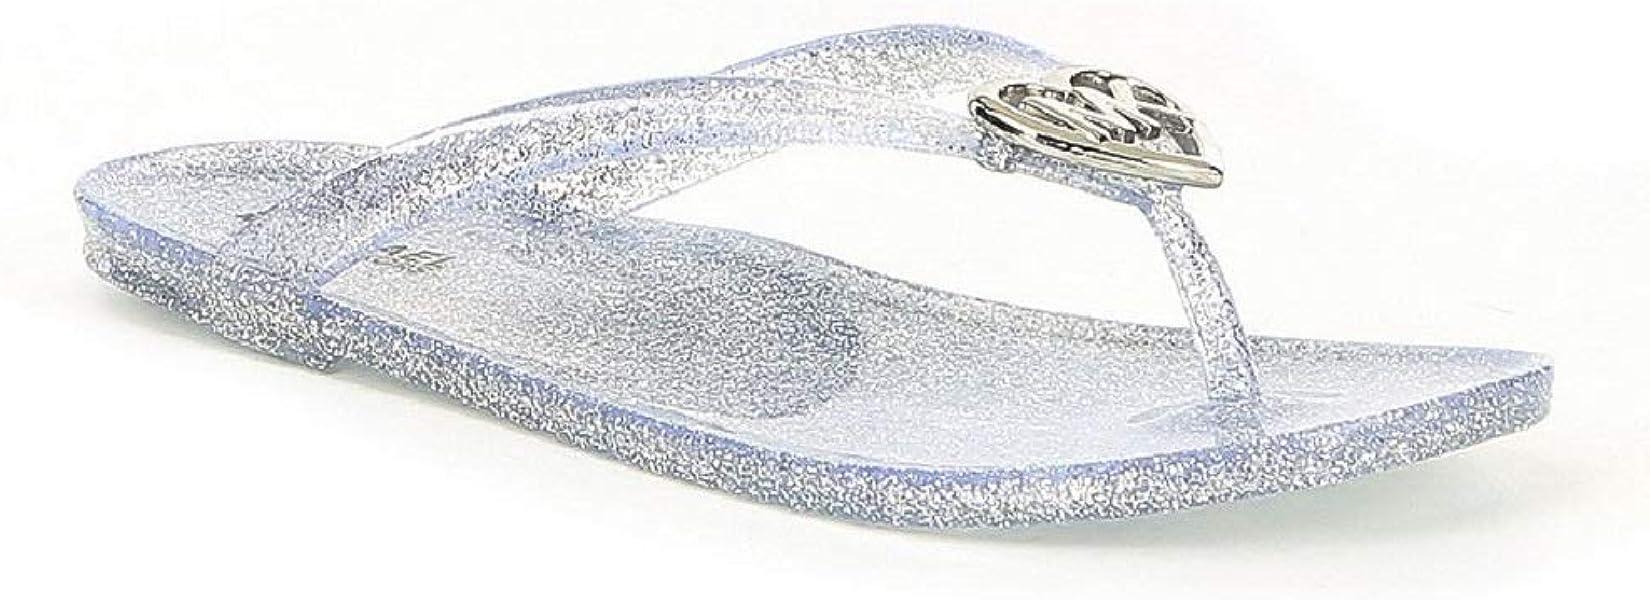 d2a978e48a63 Michael Michael Kors Girls  Trish Glare Glitter Flip-Flops Silver (4